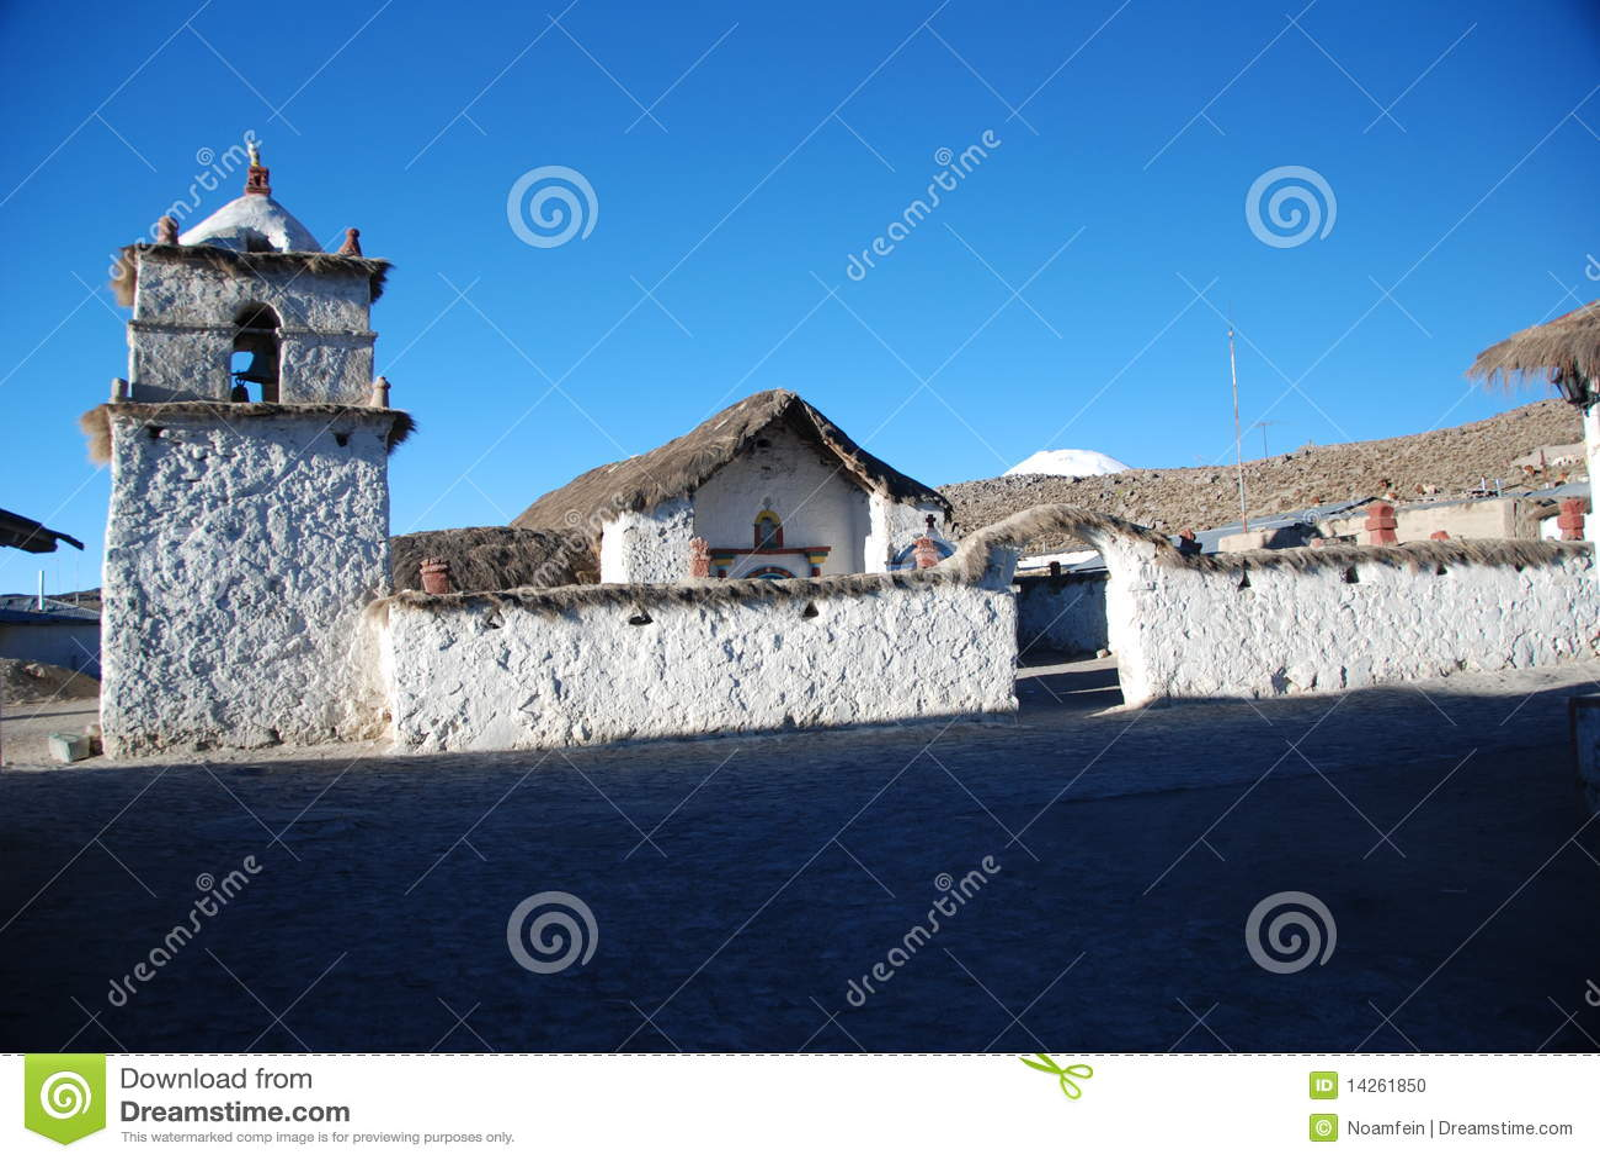 της Χιλής μικρό χωριό